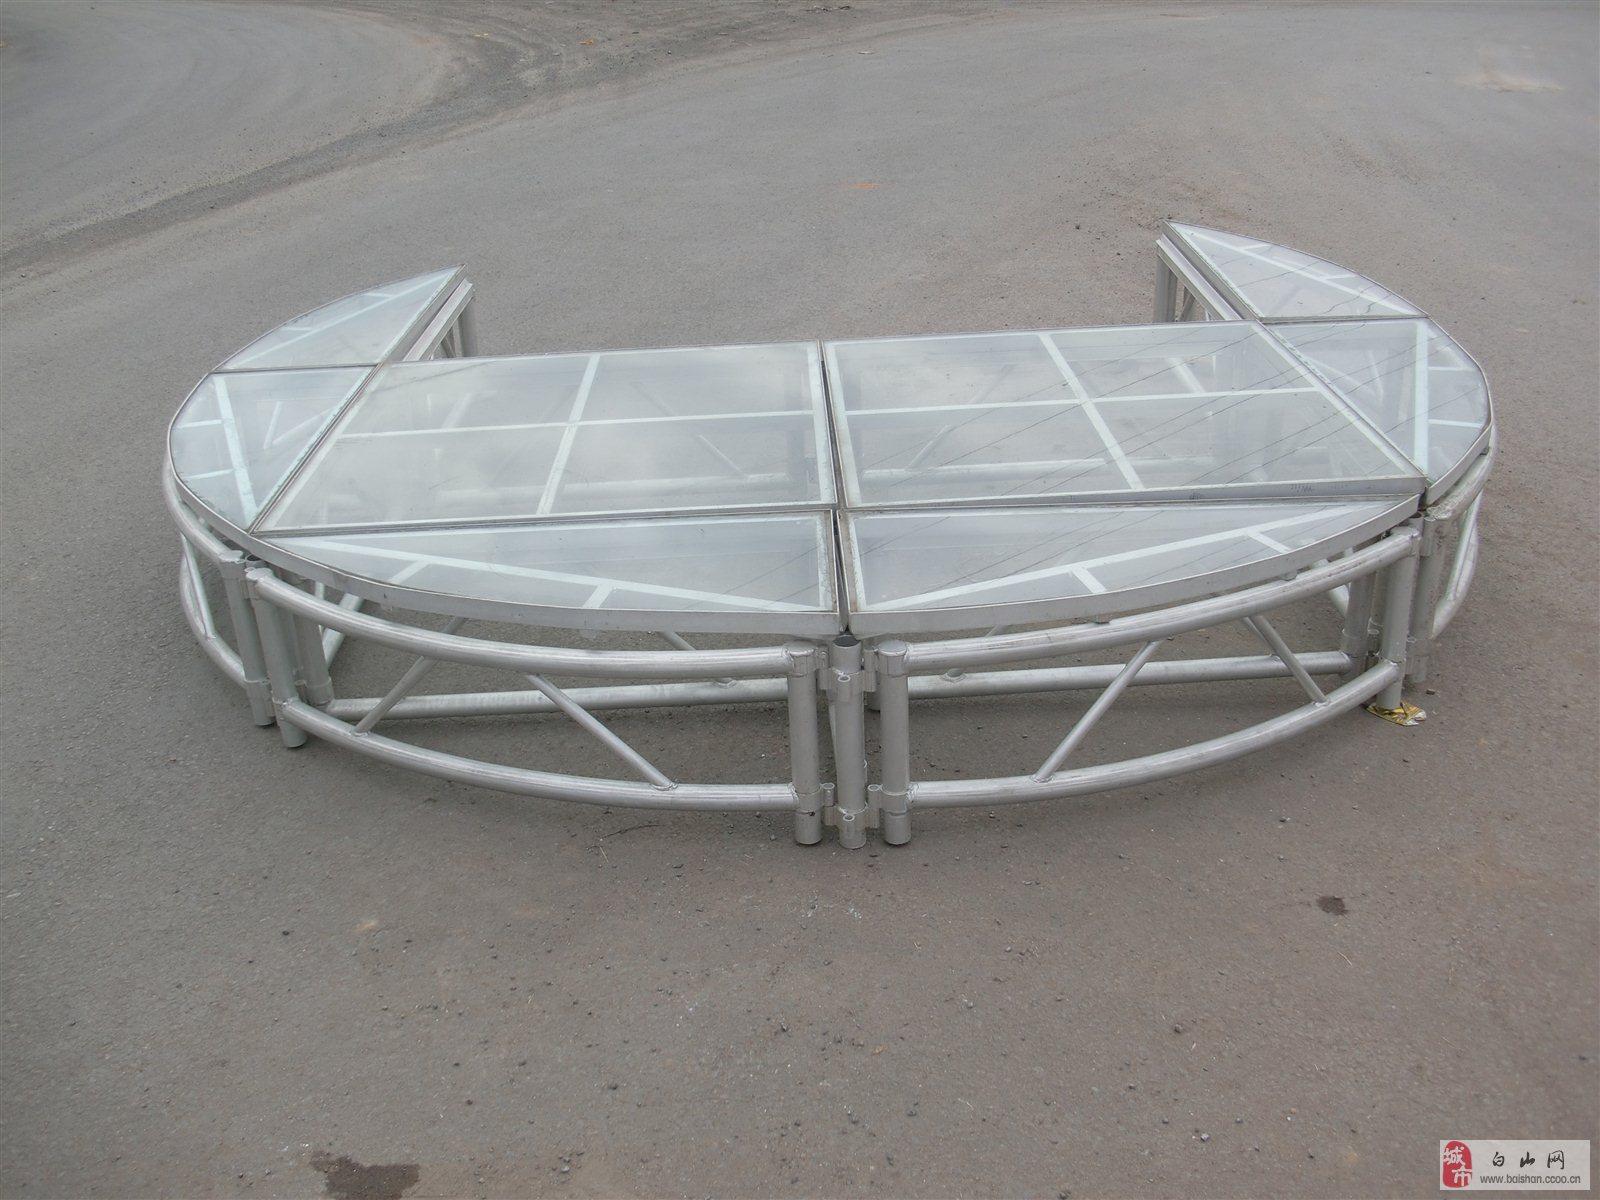 转让一套玻璃铝合舞台,出租也可以5000元一个展期